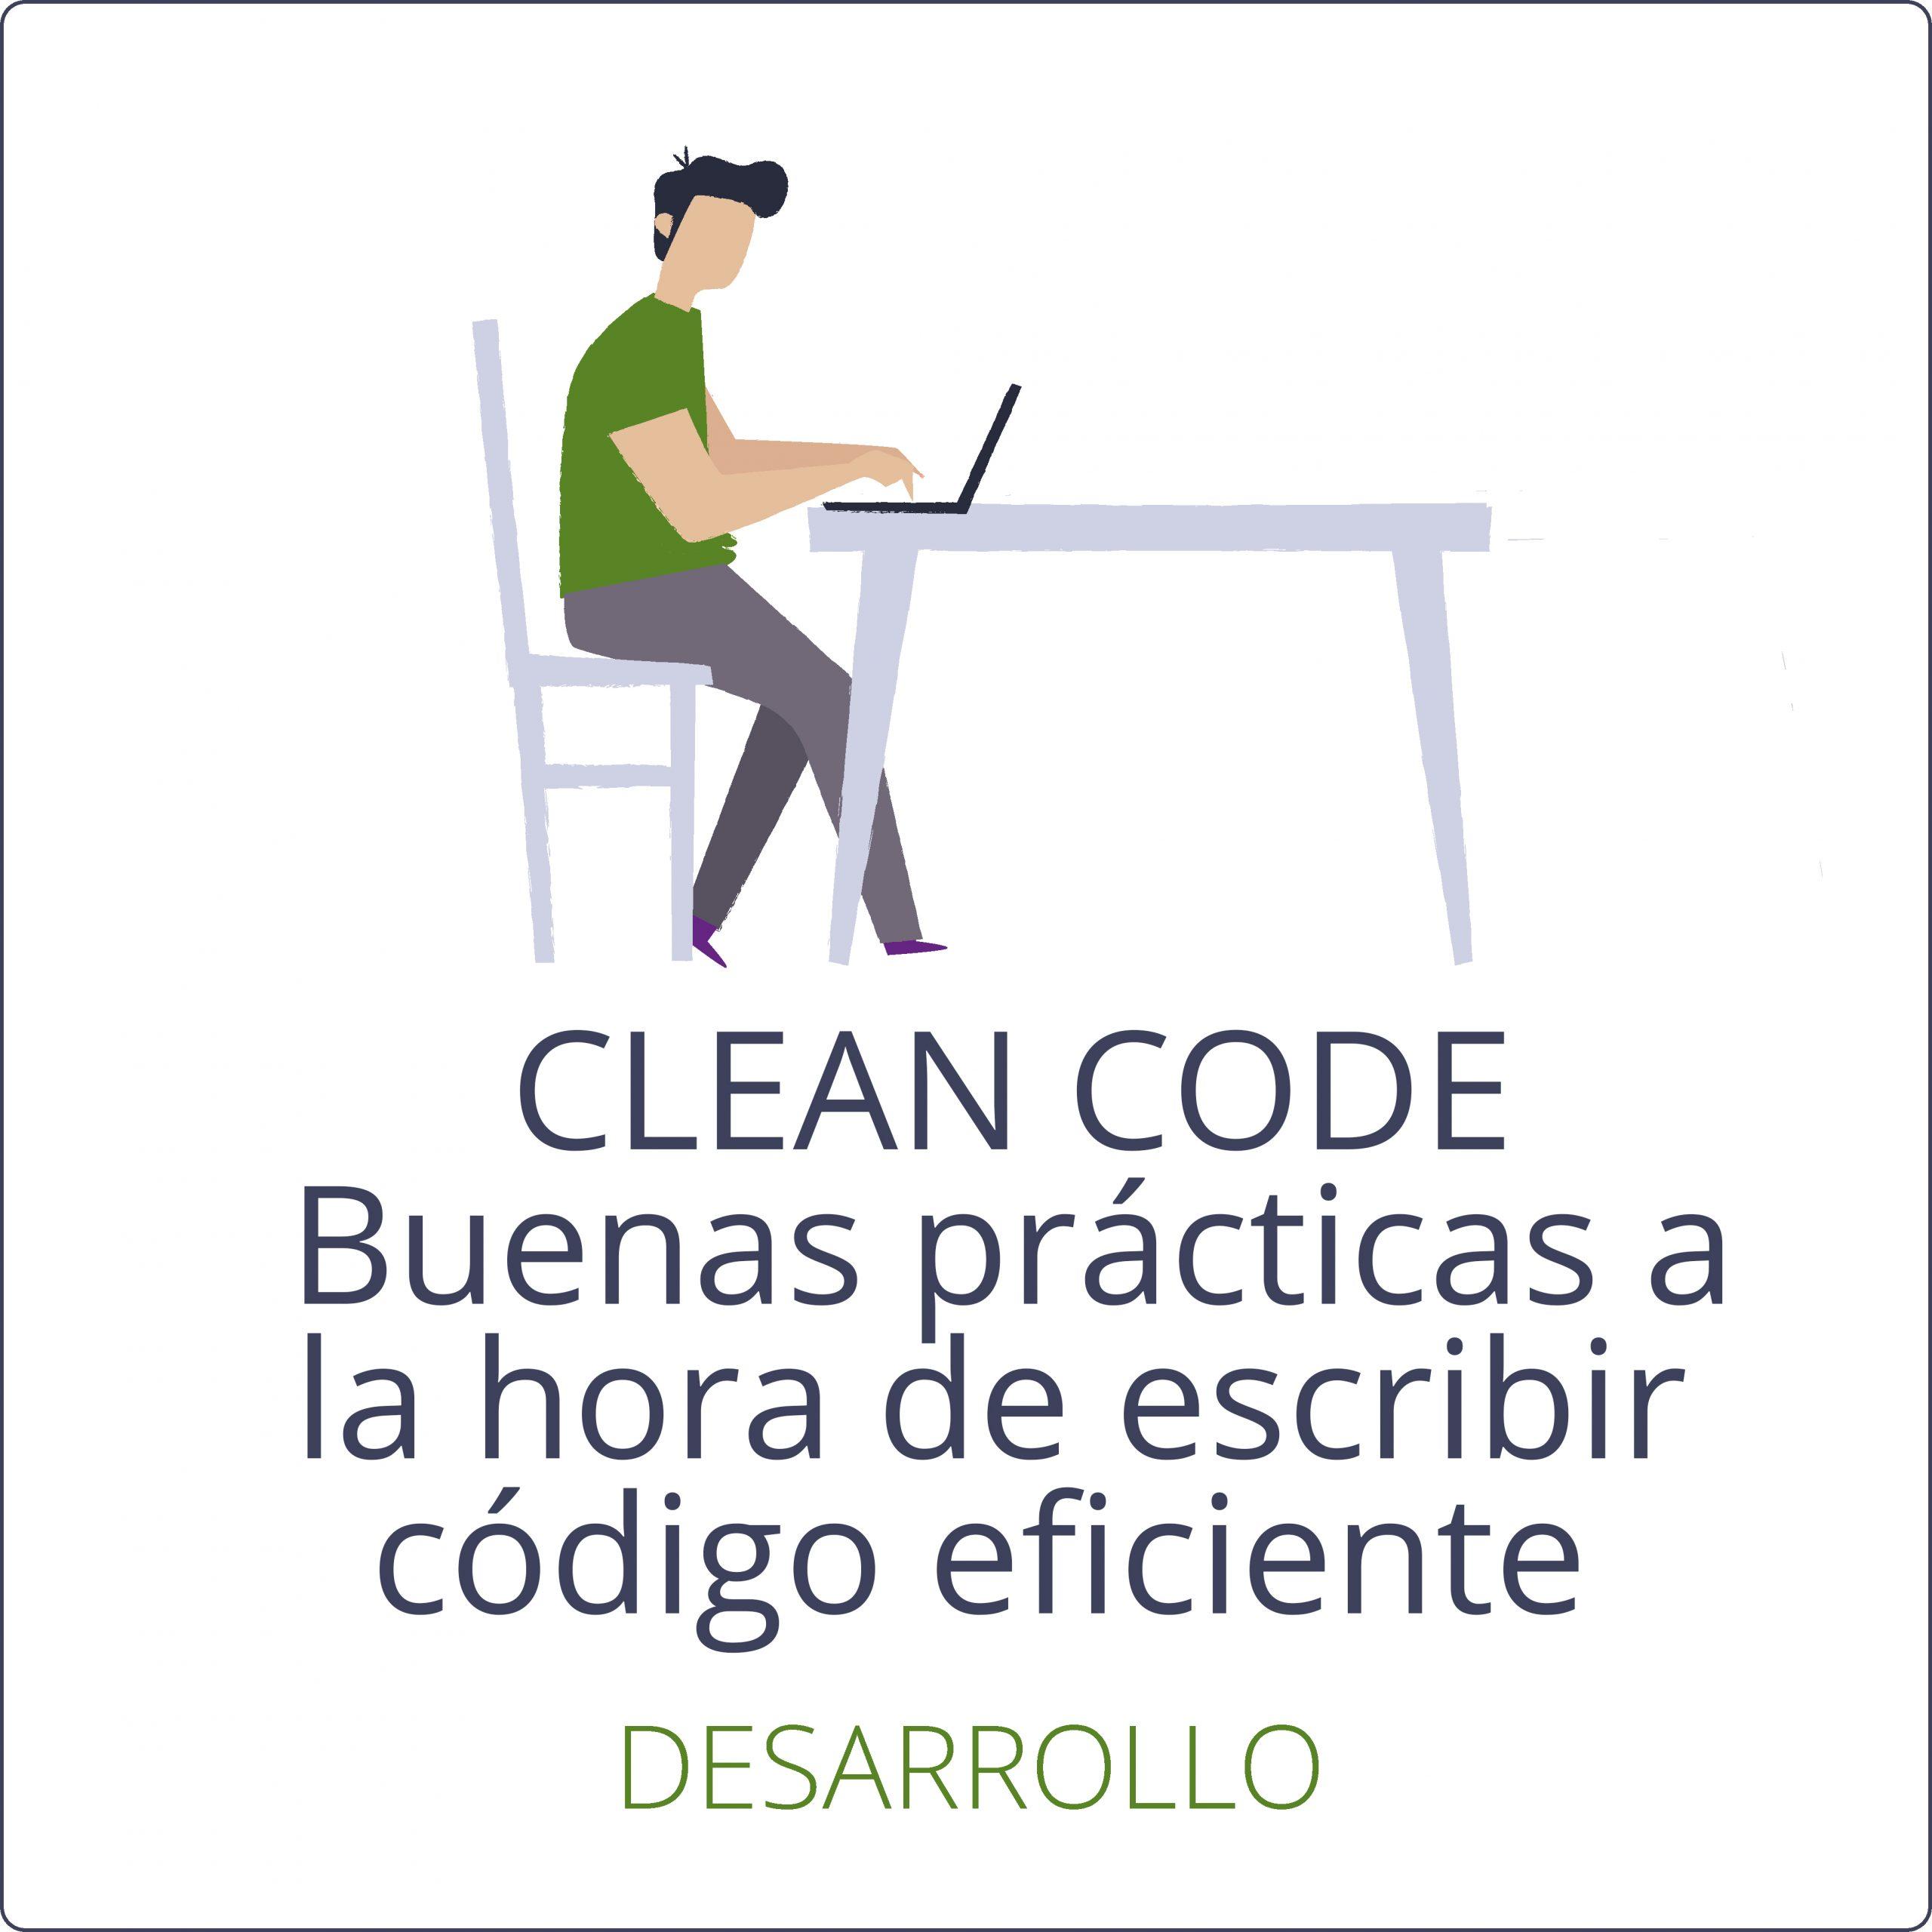 CLEAN CODE: buenas prácticas a la hora de escribir código eficiente